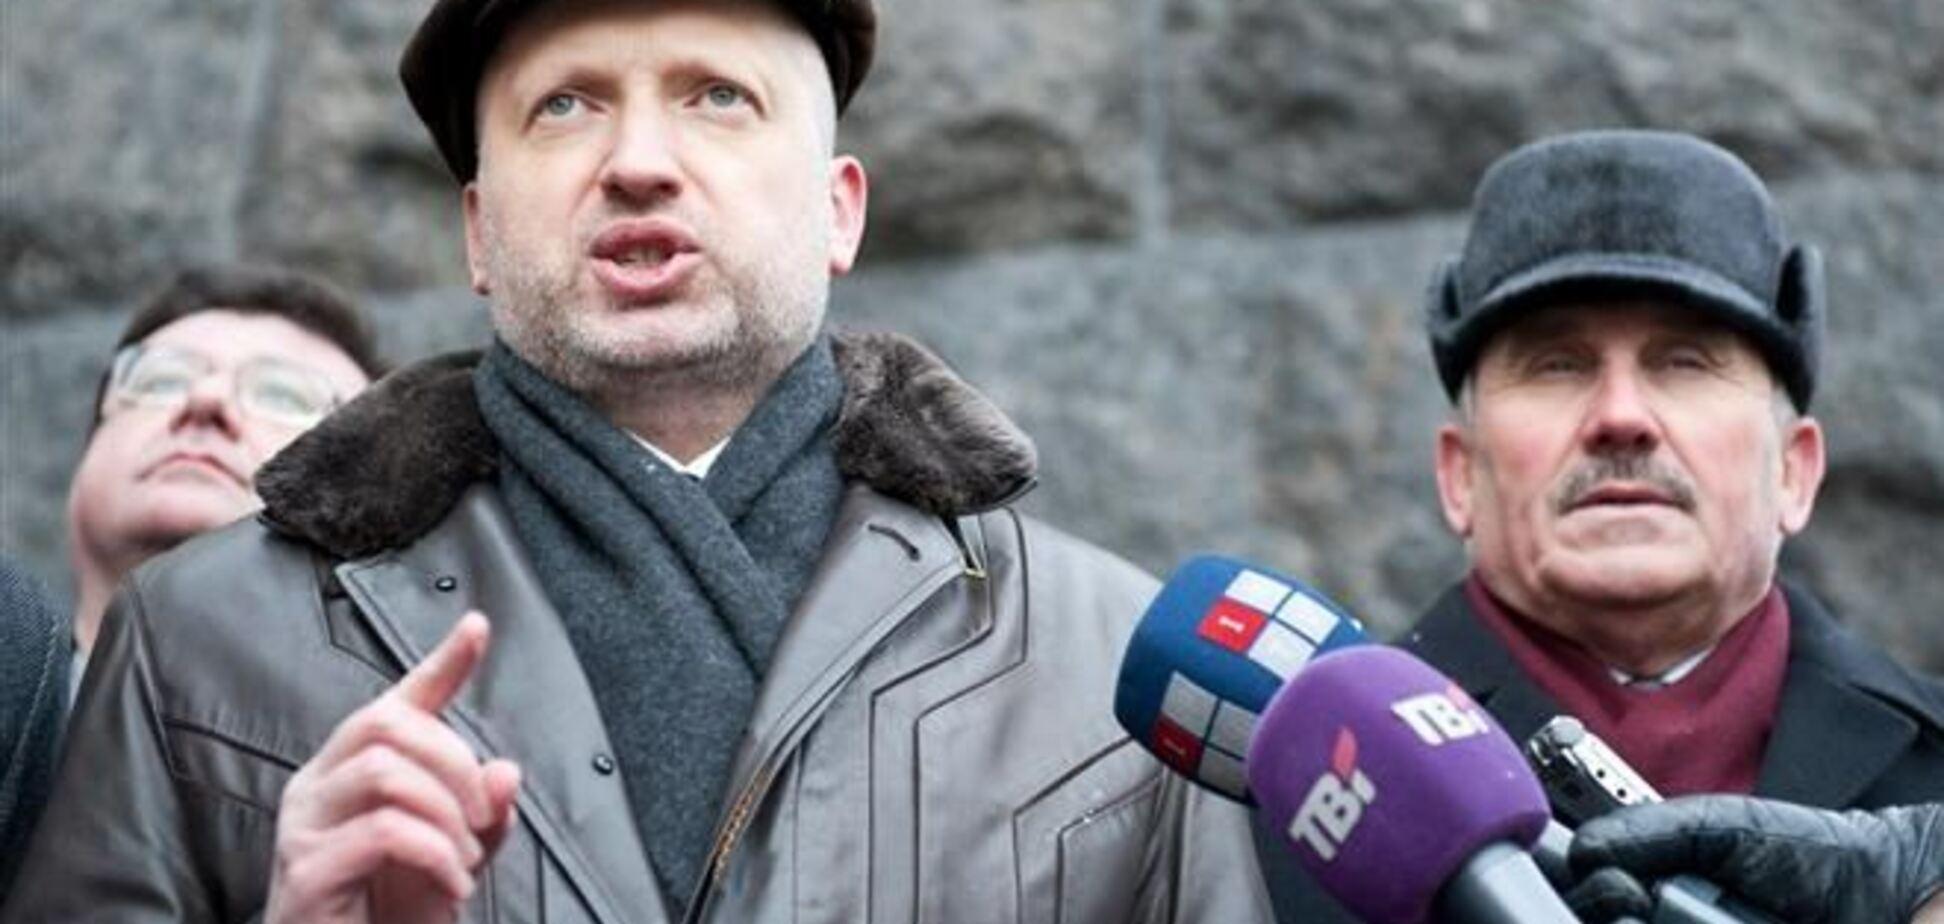 Евромайдан расширяется: через час палаточные городки будут в правительственном квартале